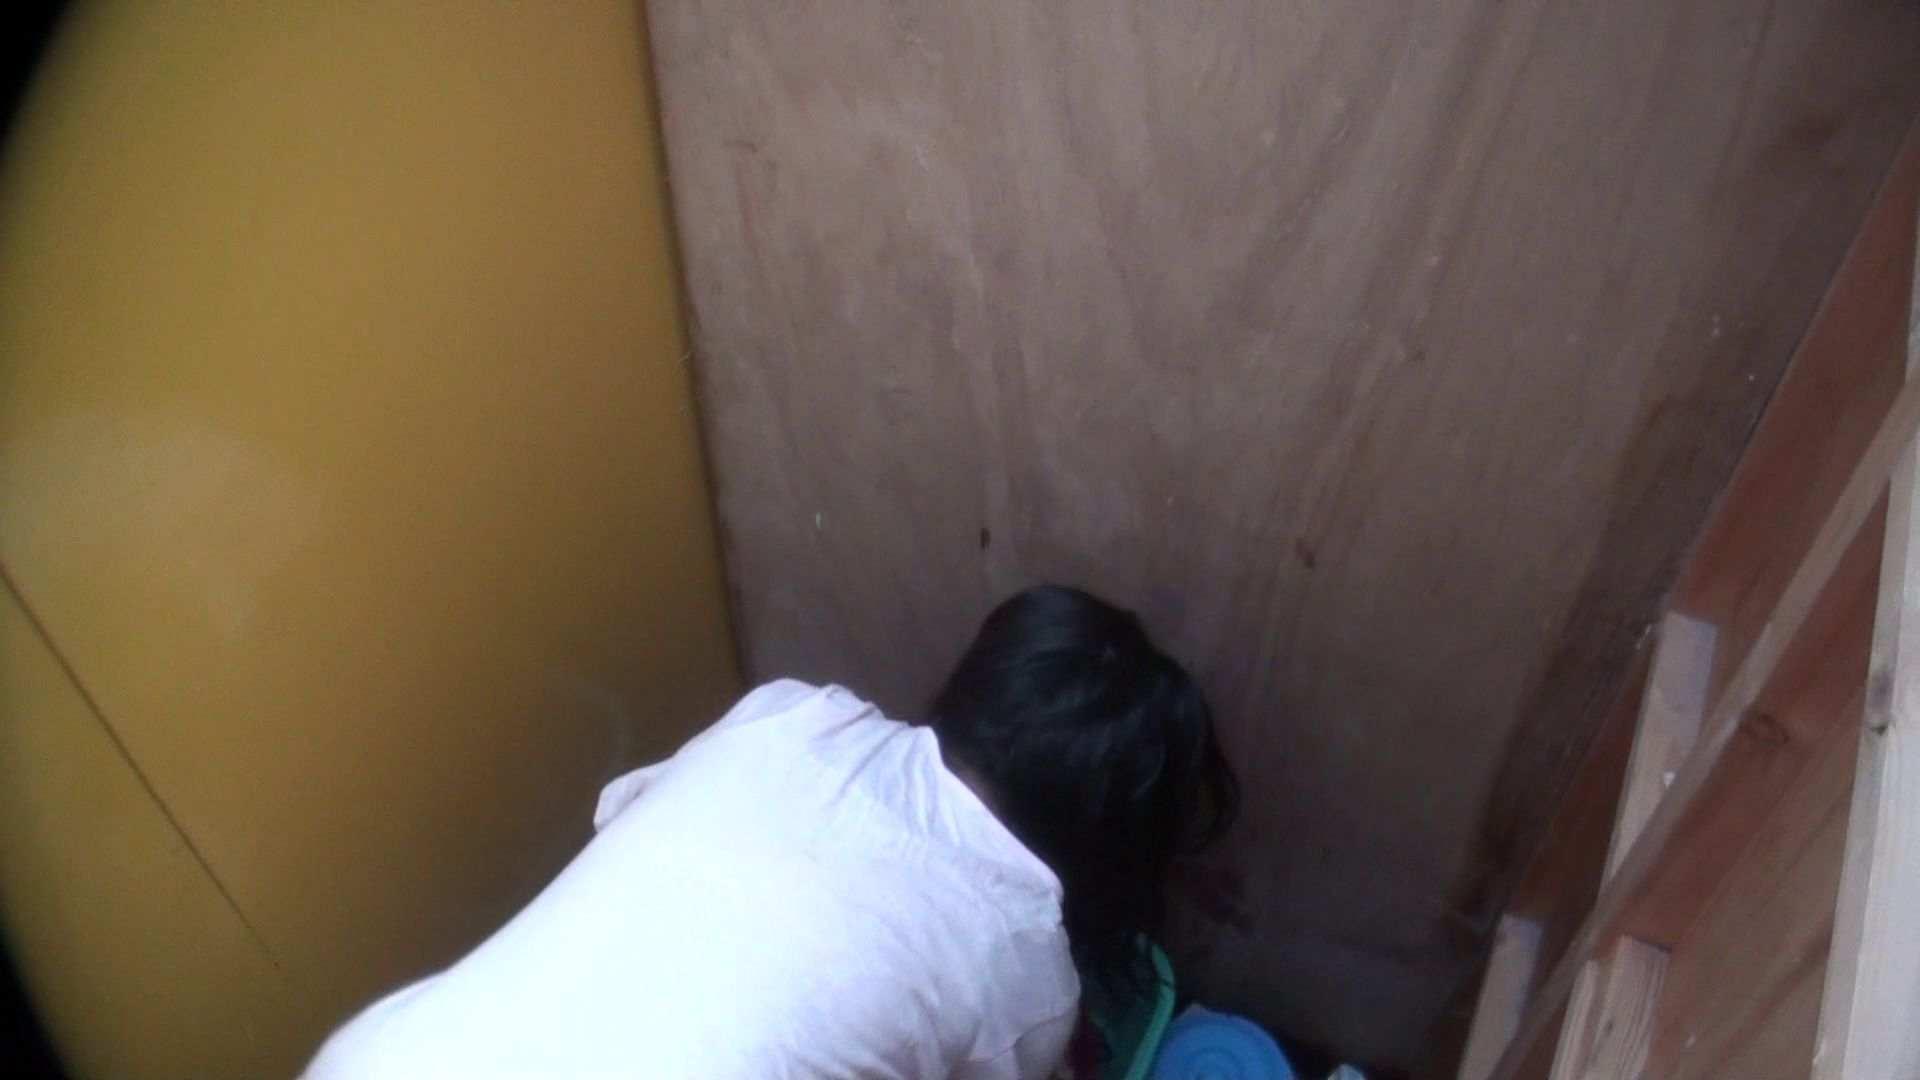 シャワールームは超!!危険な香りVol.13 ムッチムチのいやらしい身体つき 高画質   美しいOLの裸体  76pic 19